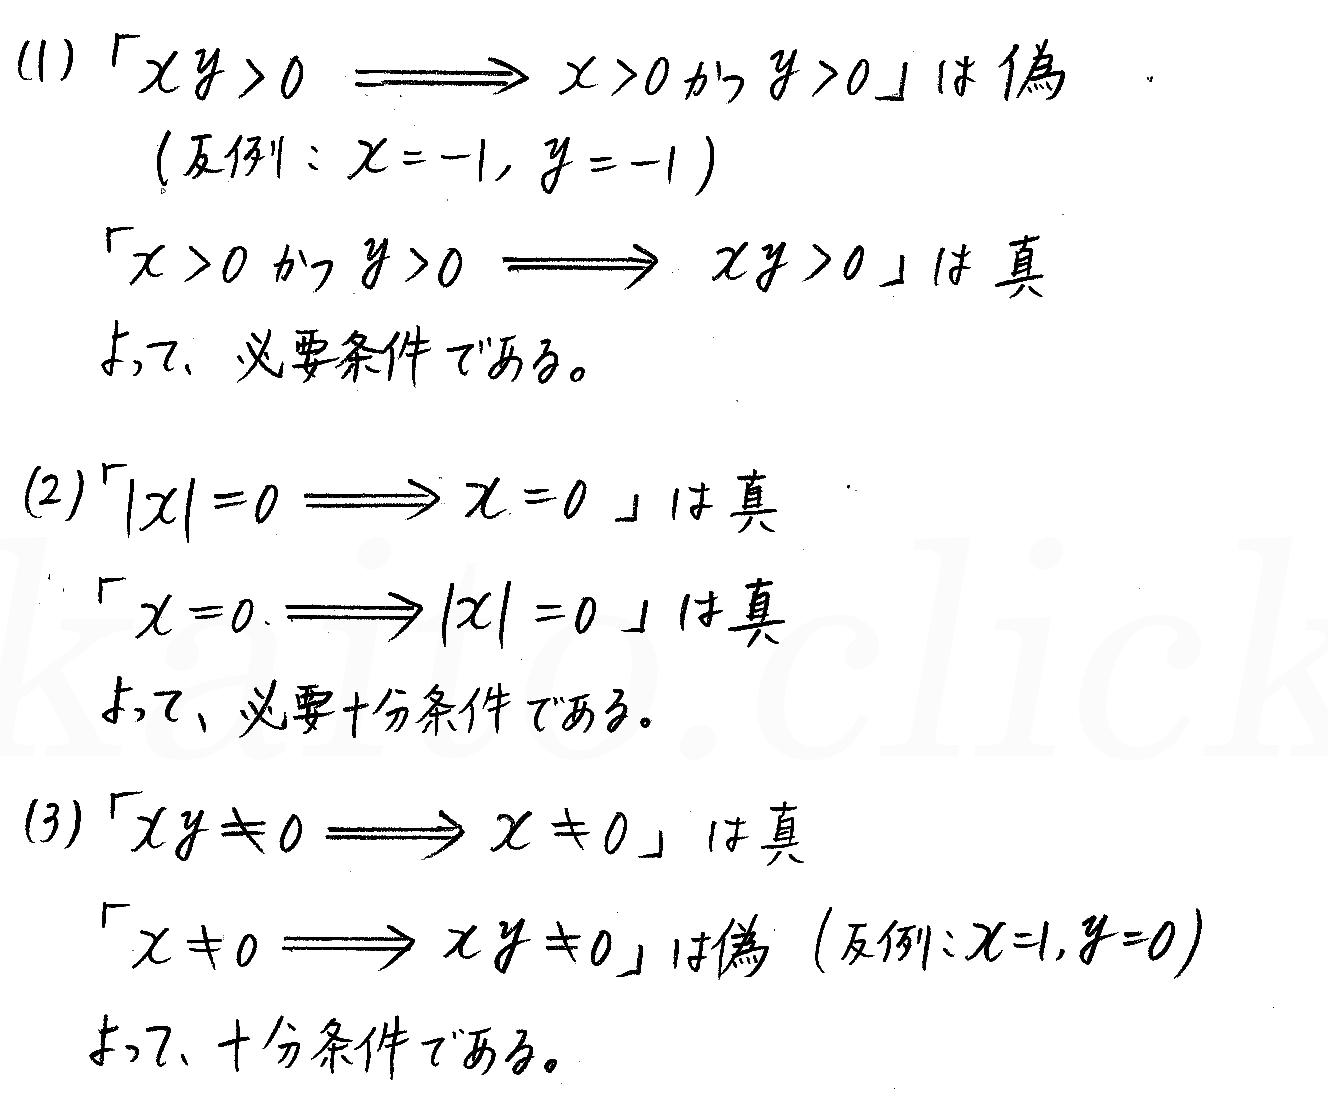 クリアー数学1-123解答